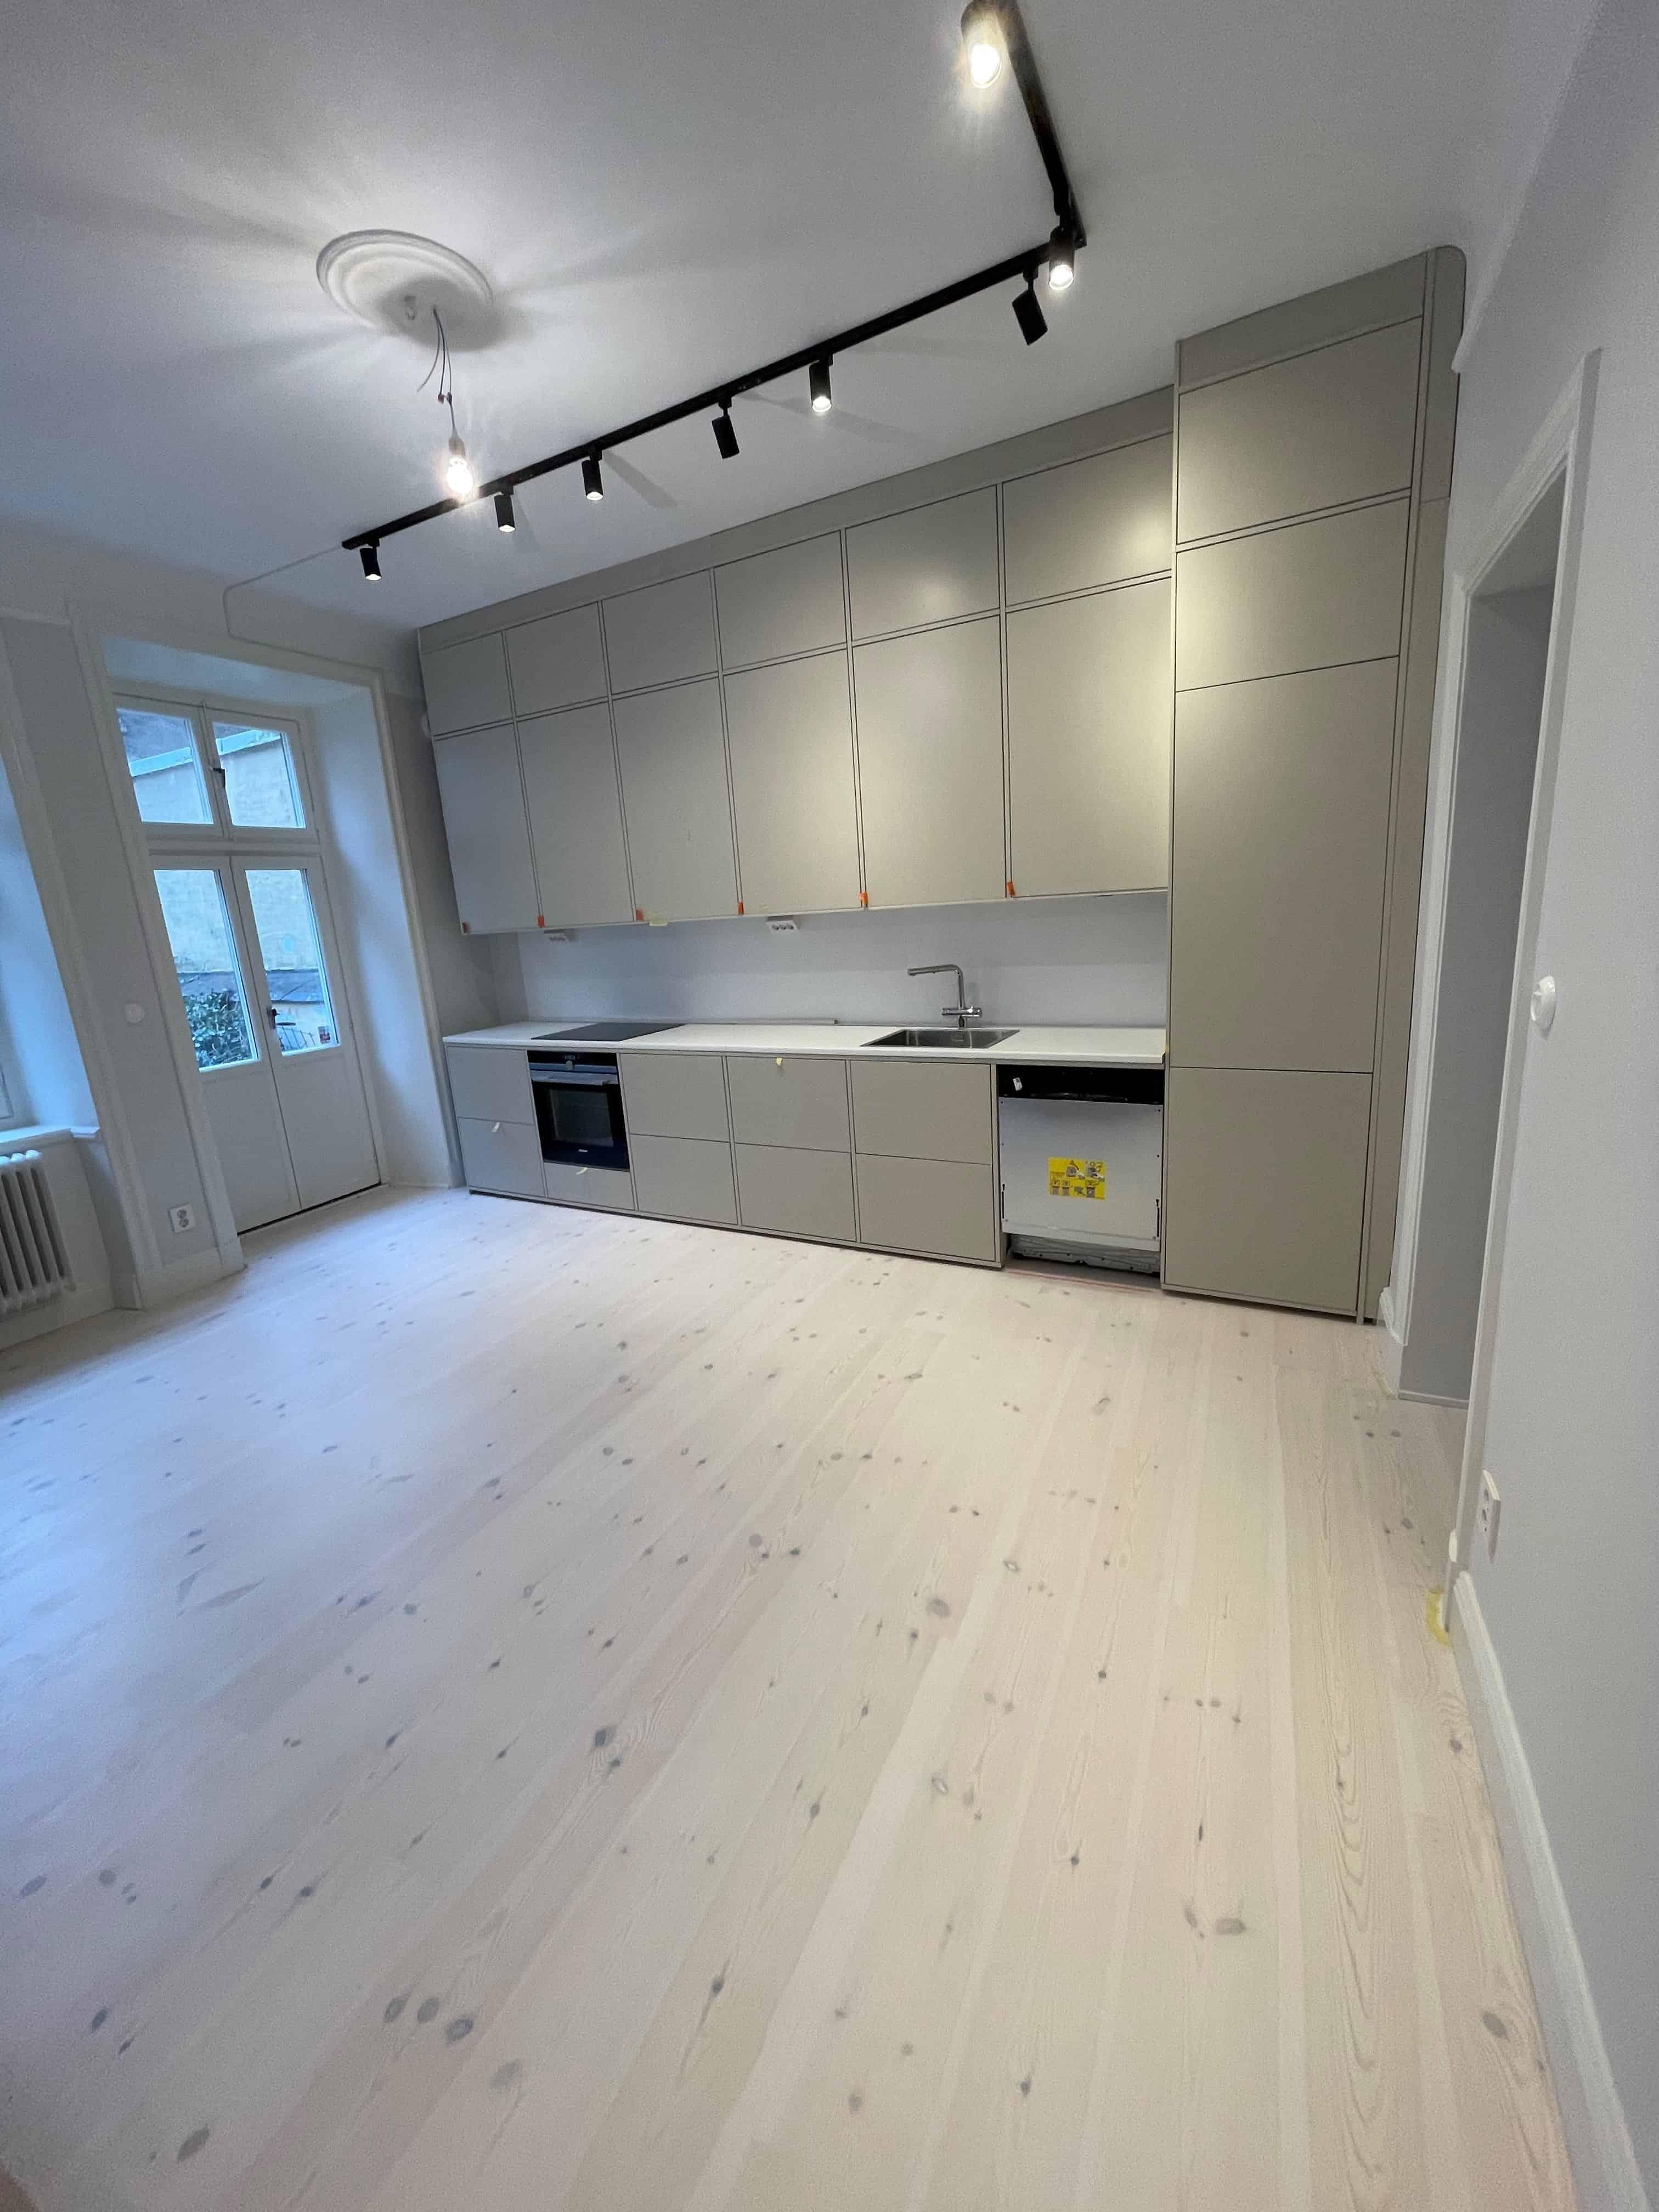 """Referensjobb """"Köksrenovering"""" utfört av 28 BYGG & ENTREPRENAD VÄRMDÖ AB"""